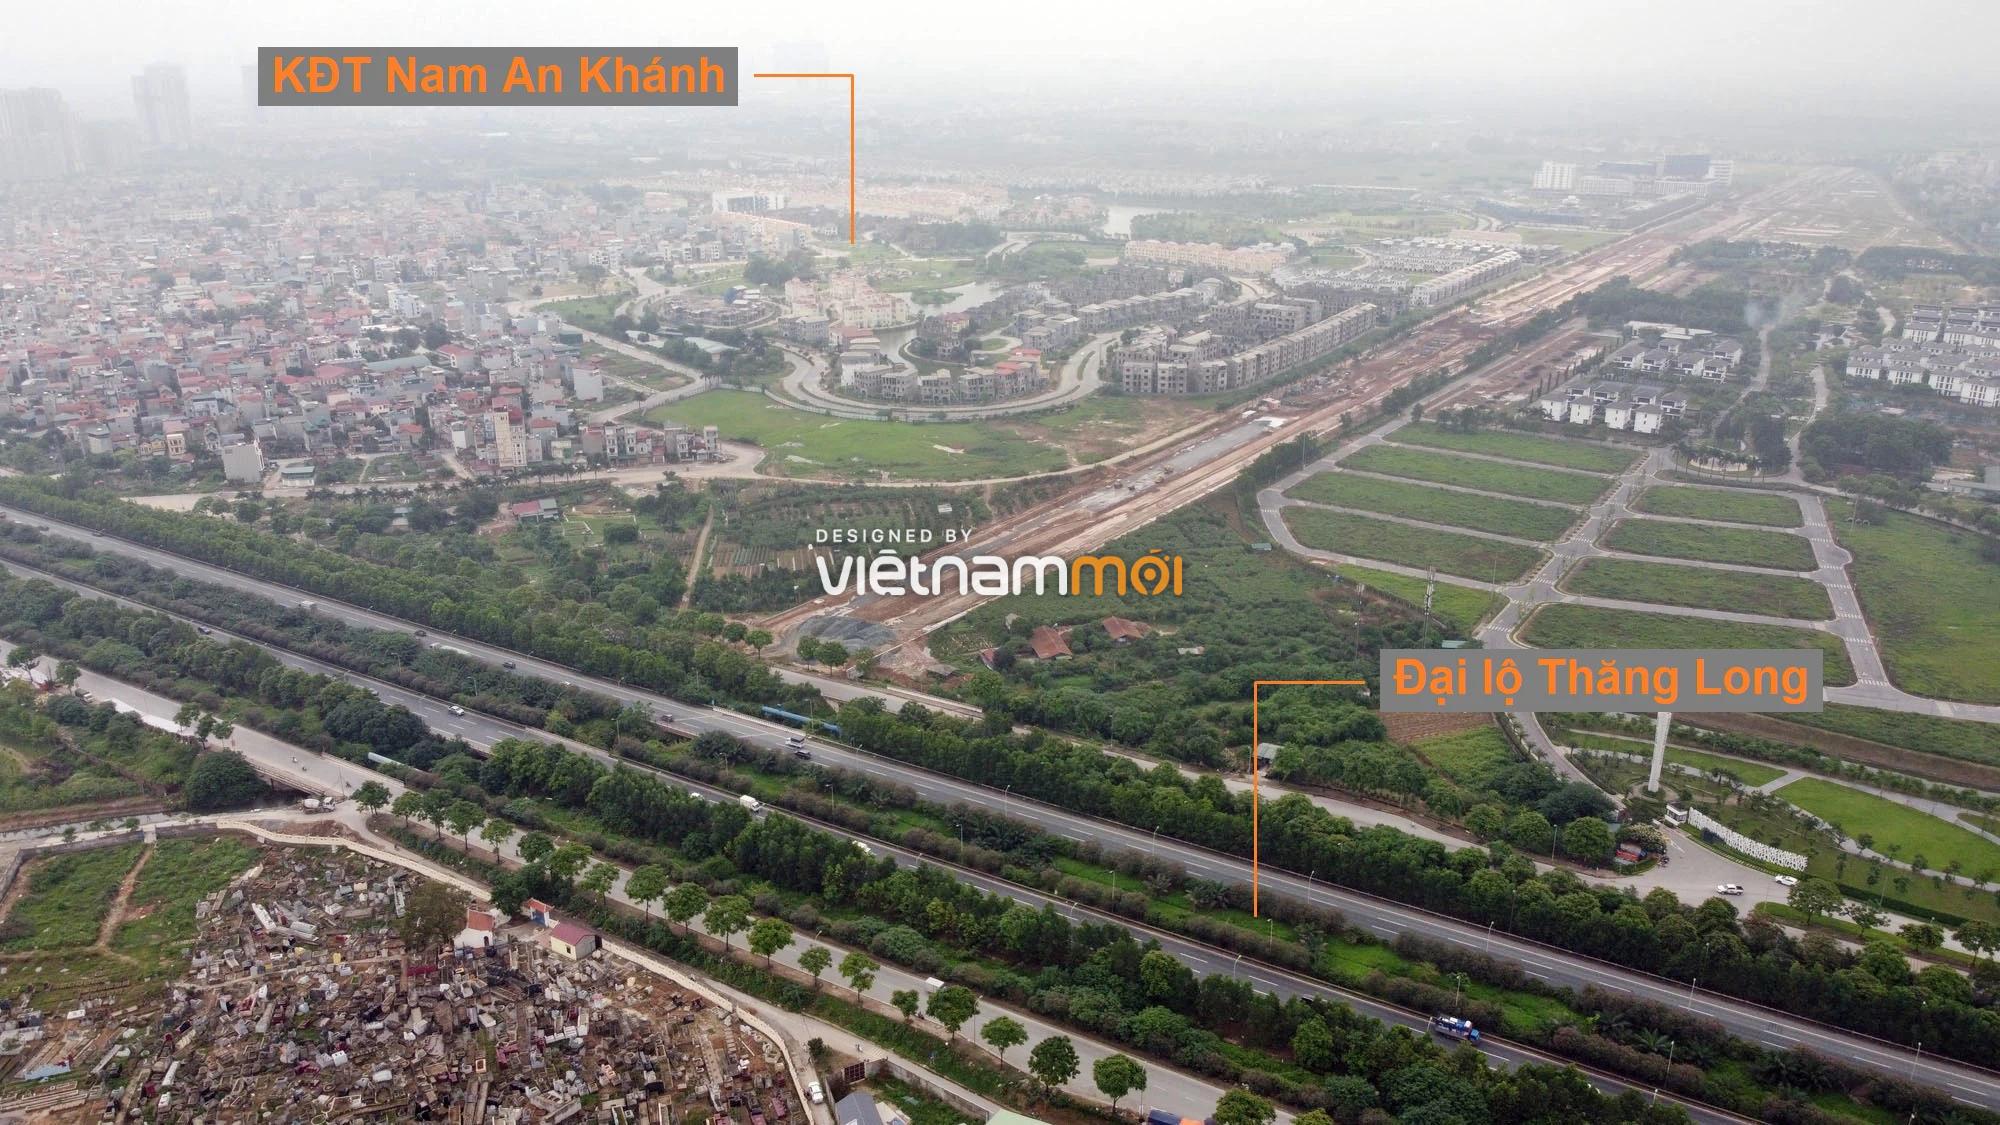 Toàn cảnh đường nối Đại lộ Thăng Long - tỉnh lộ 423 qua KĐT Nam An Khánh đang mở theo quy hoạch ở Hà Nội - Ảnh 1.